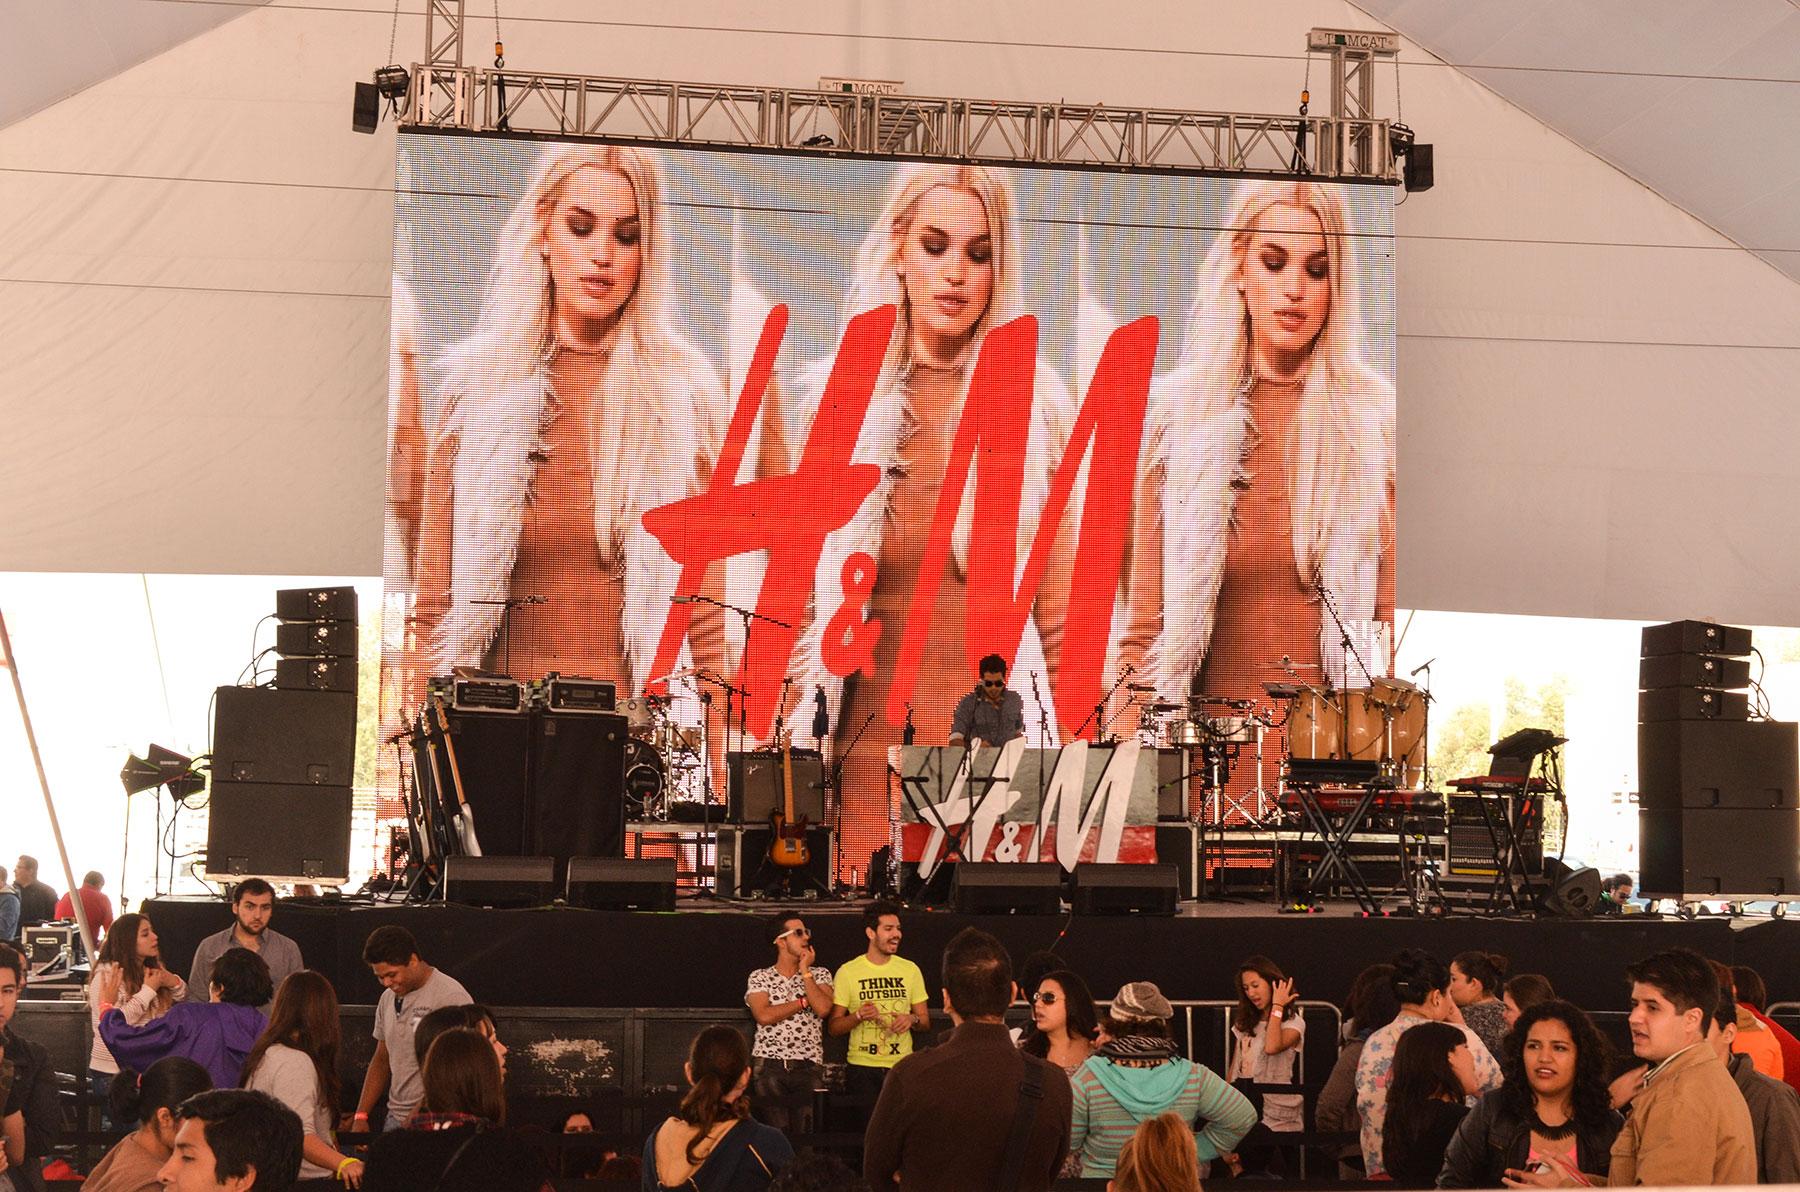 Escenario H&M